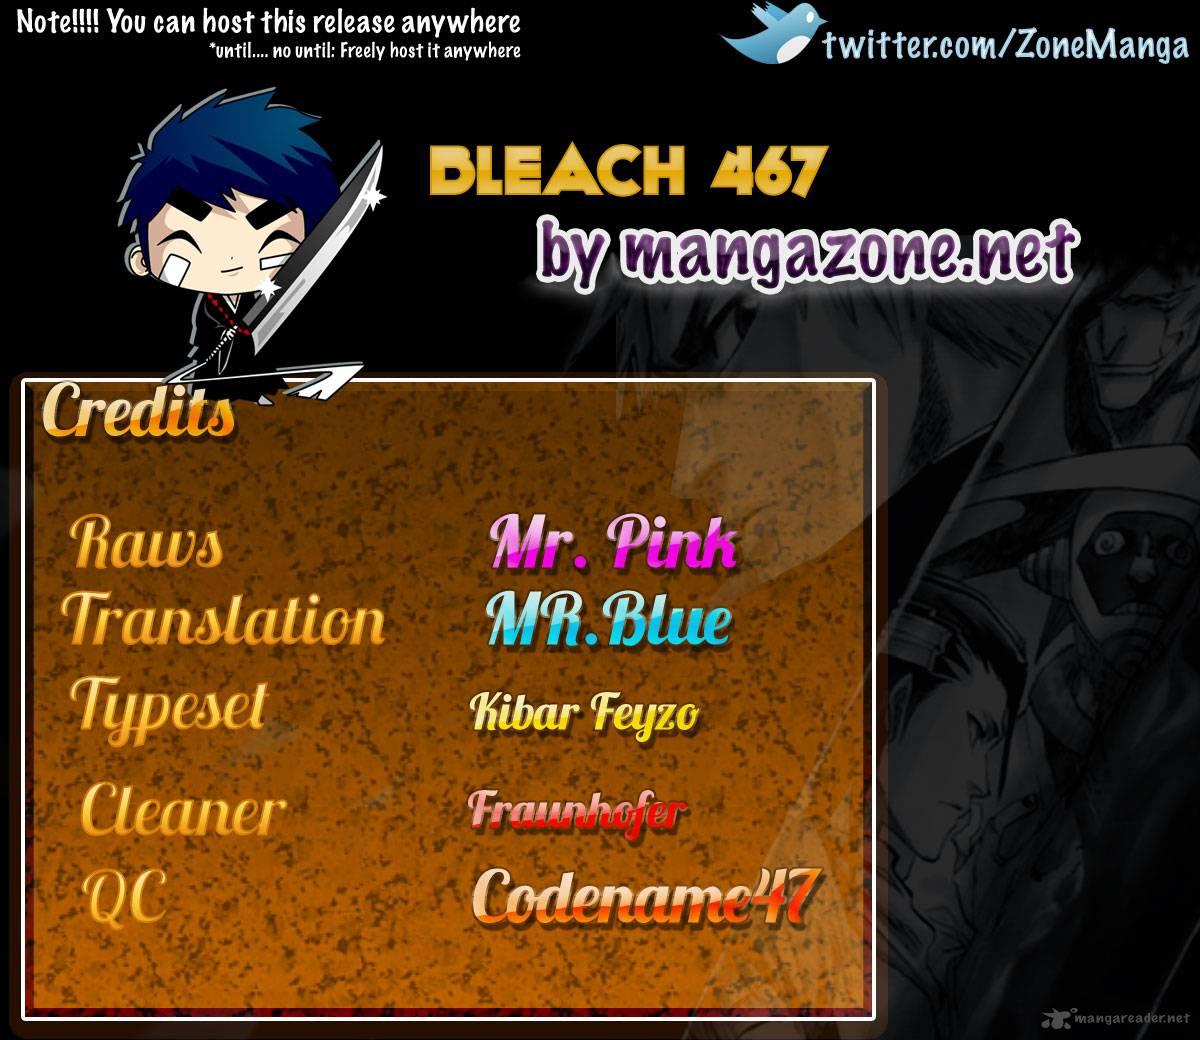 Bleach 467